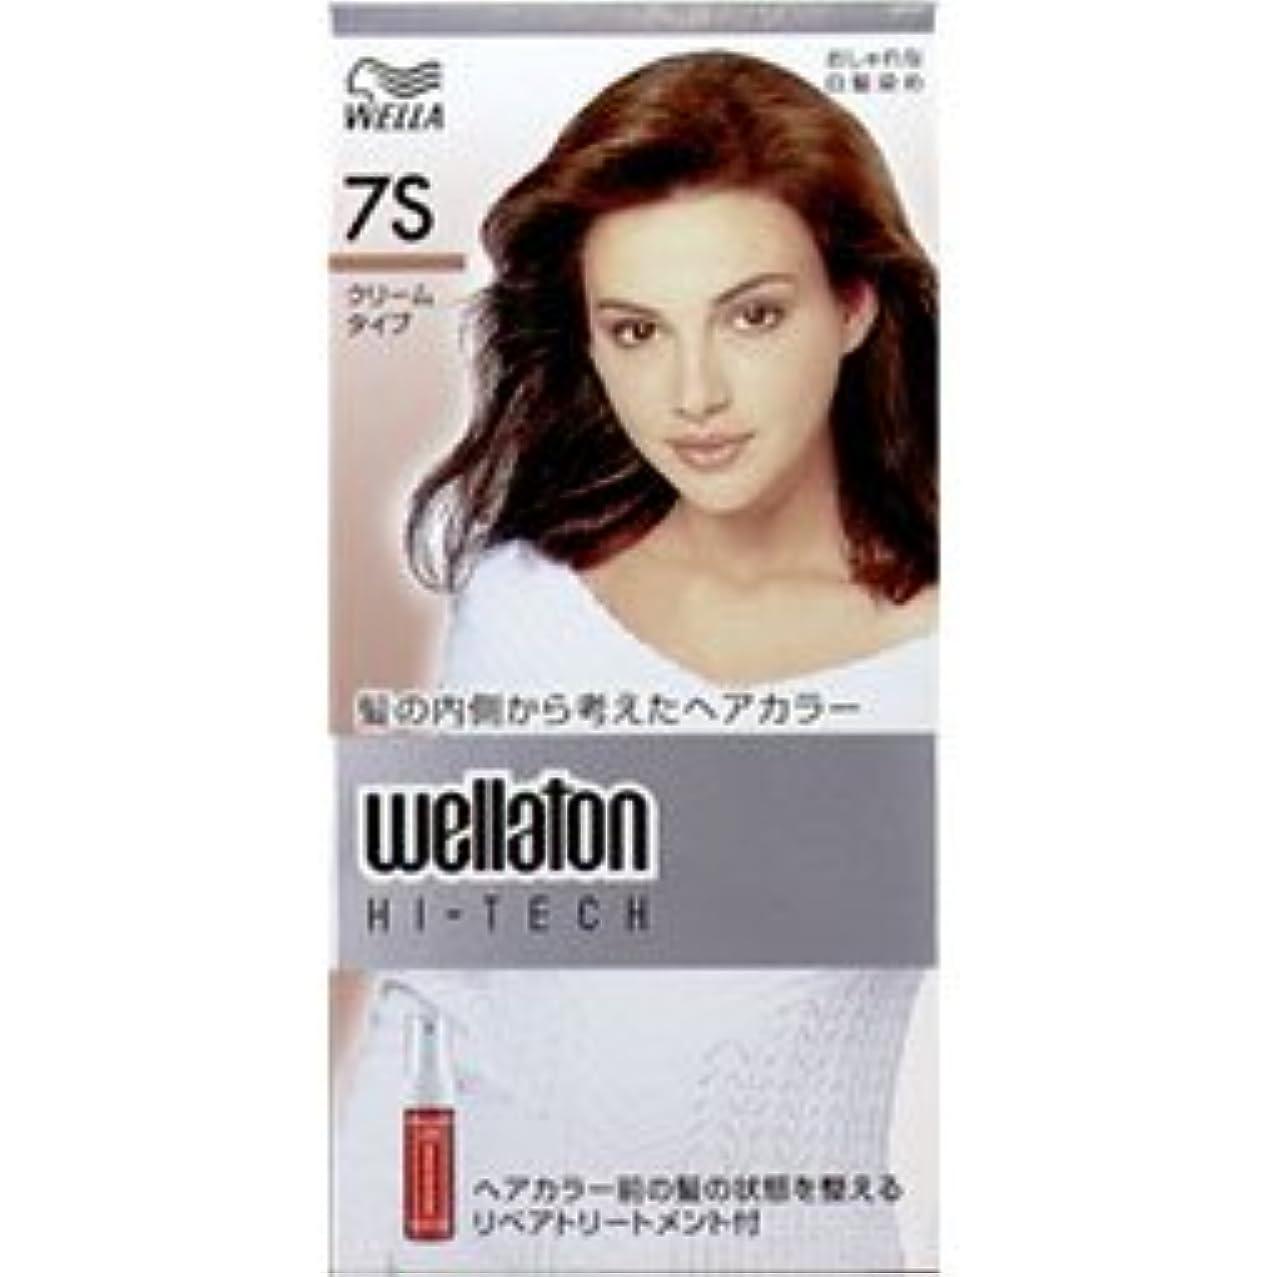 艶マークダウンリール【ヘアケア】P&G ウエラ ウエラトーン ハイテッククリーム 7S 透明感のある明るい栗色 (医薬部外品) 白髪染めヘアカラー(女性用)×24点セット (4902565140602)